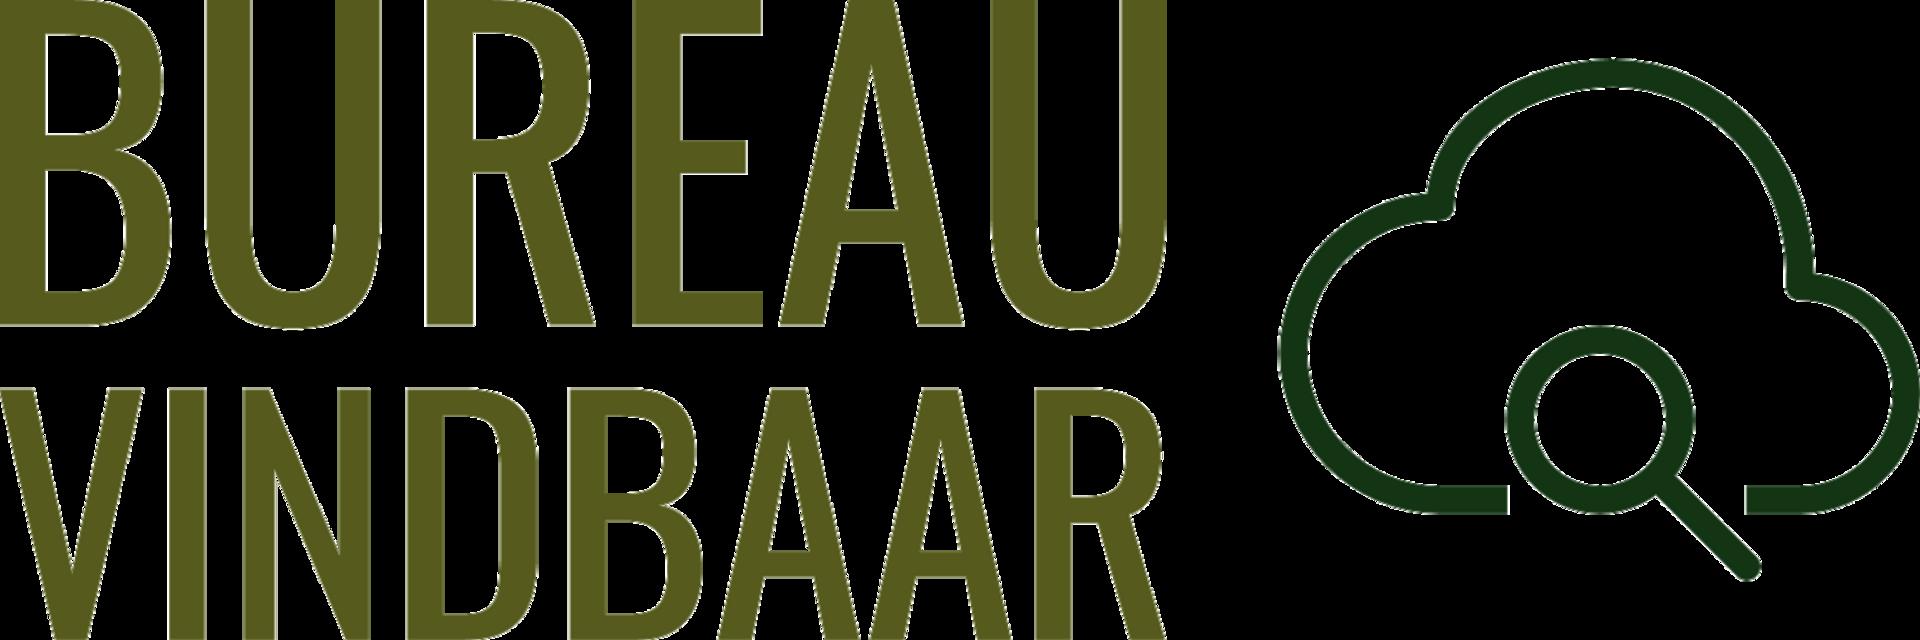 Bureau Vindbaar